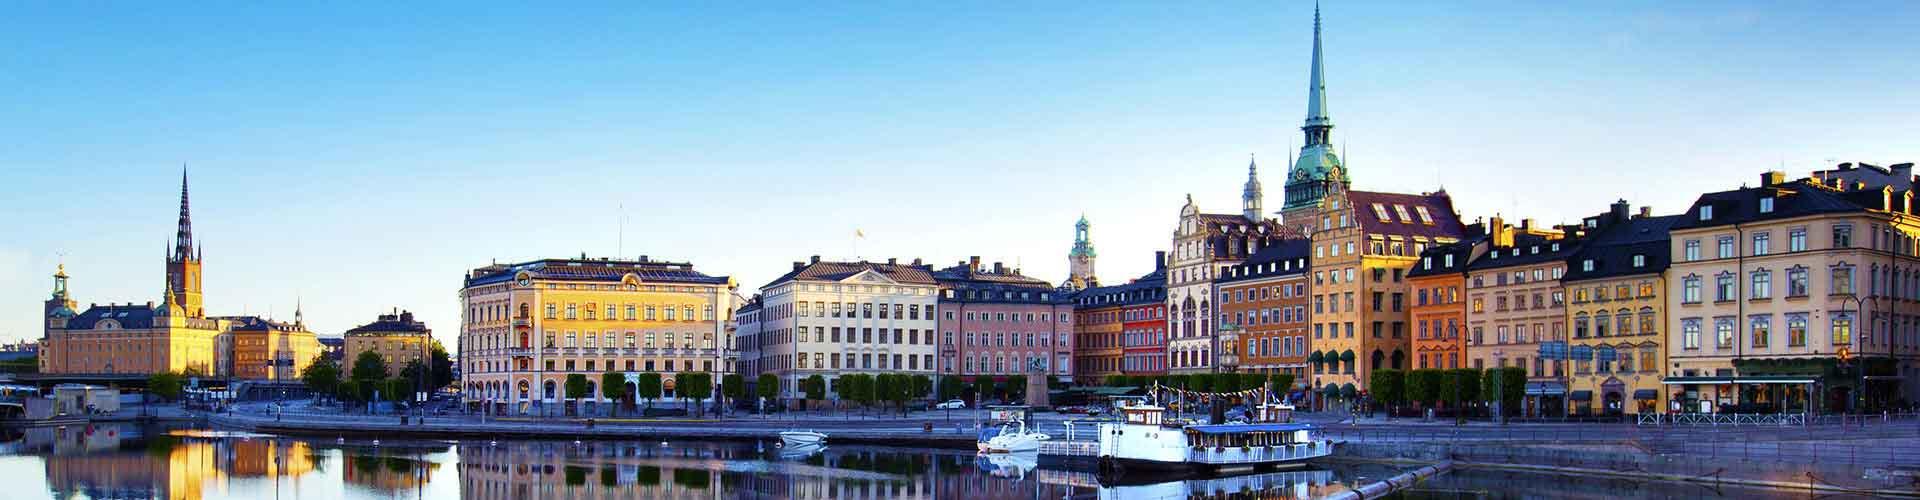 Stockholm - Hostelů v Stockholm. Mapy pro Stockholm, fotky a recenze pro každý hostel v Stockholm.